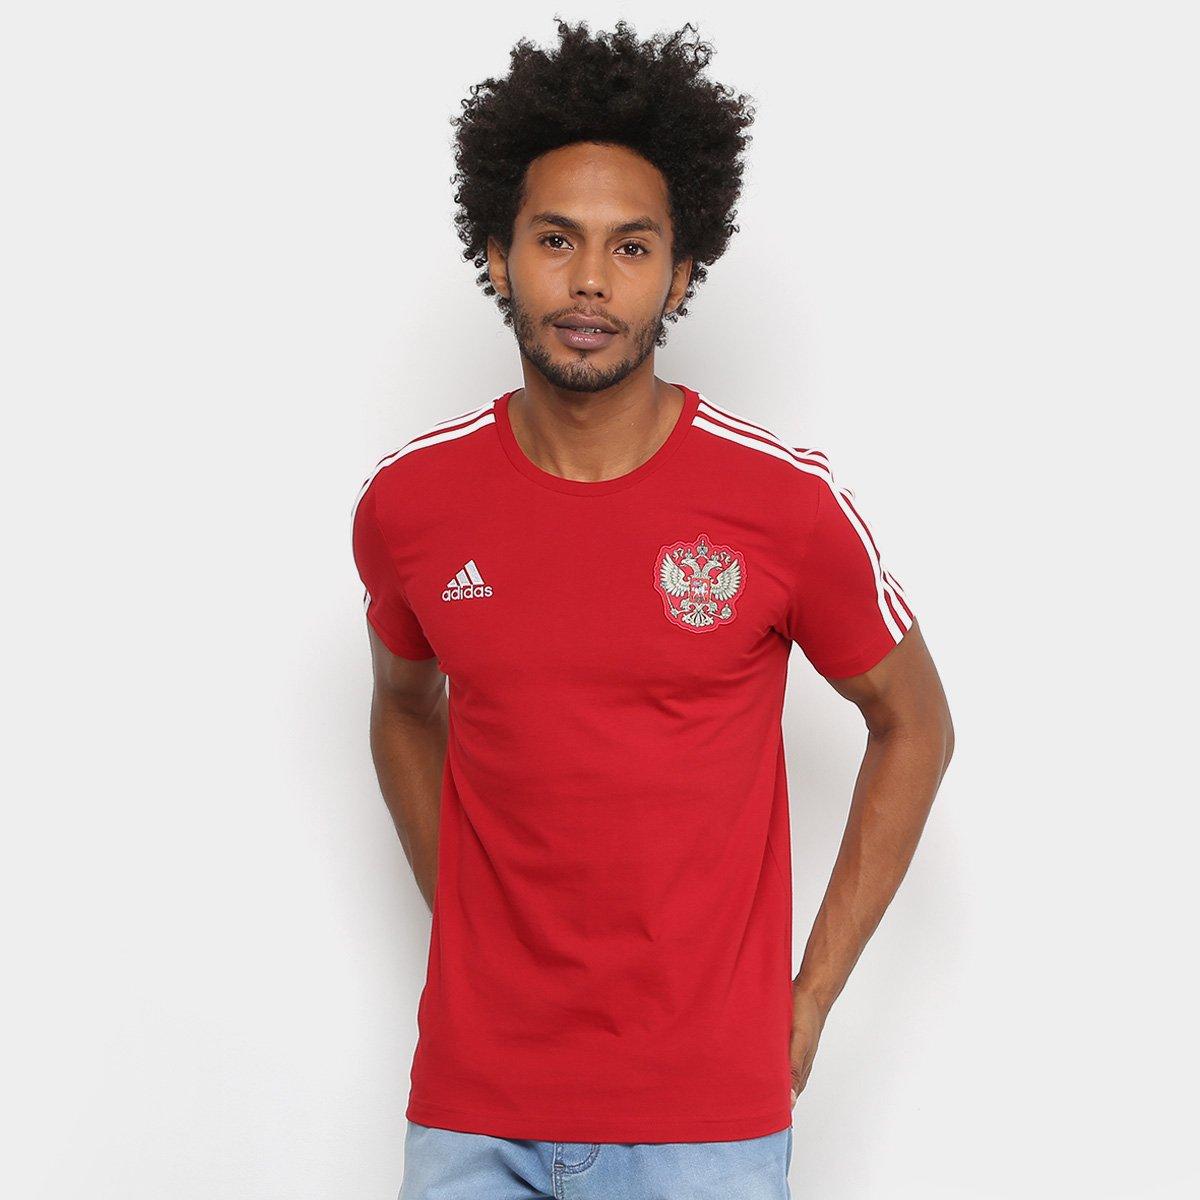 Camiseta Seleção Rússia Adidas 3S Masculina - Vermelho e Branco - Compre  Agora  979d5b6736470